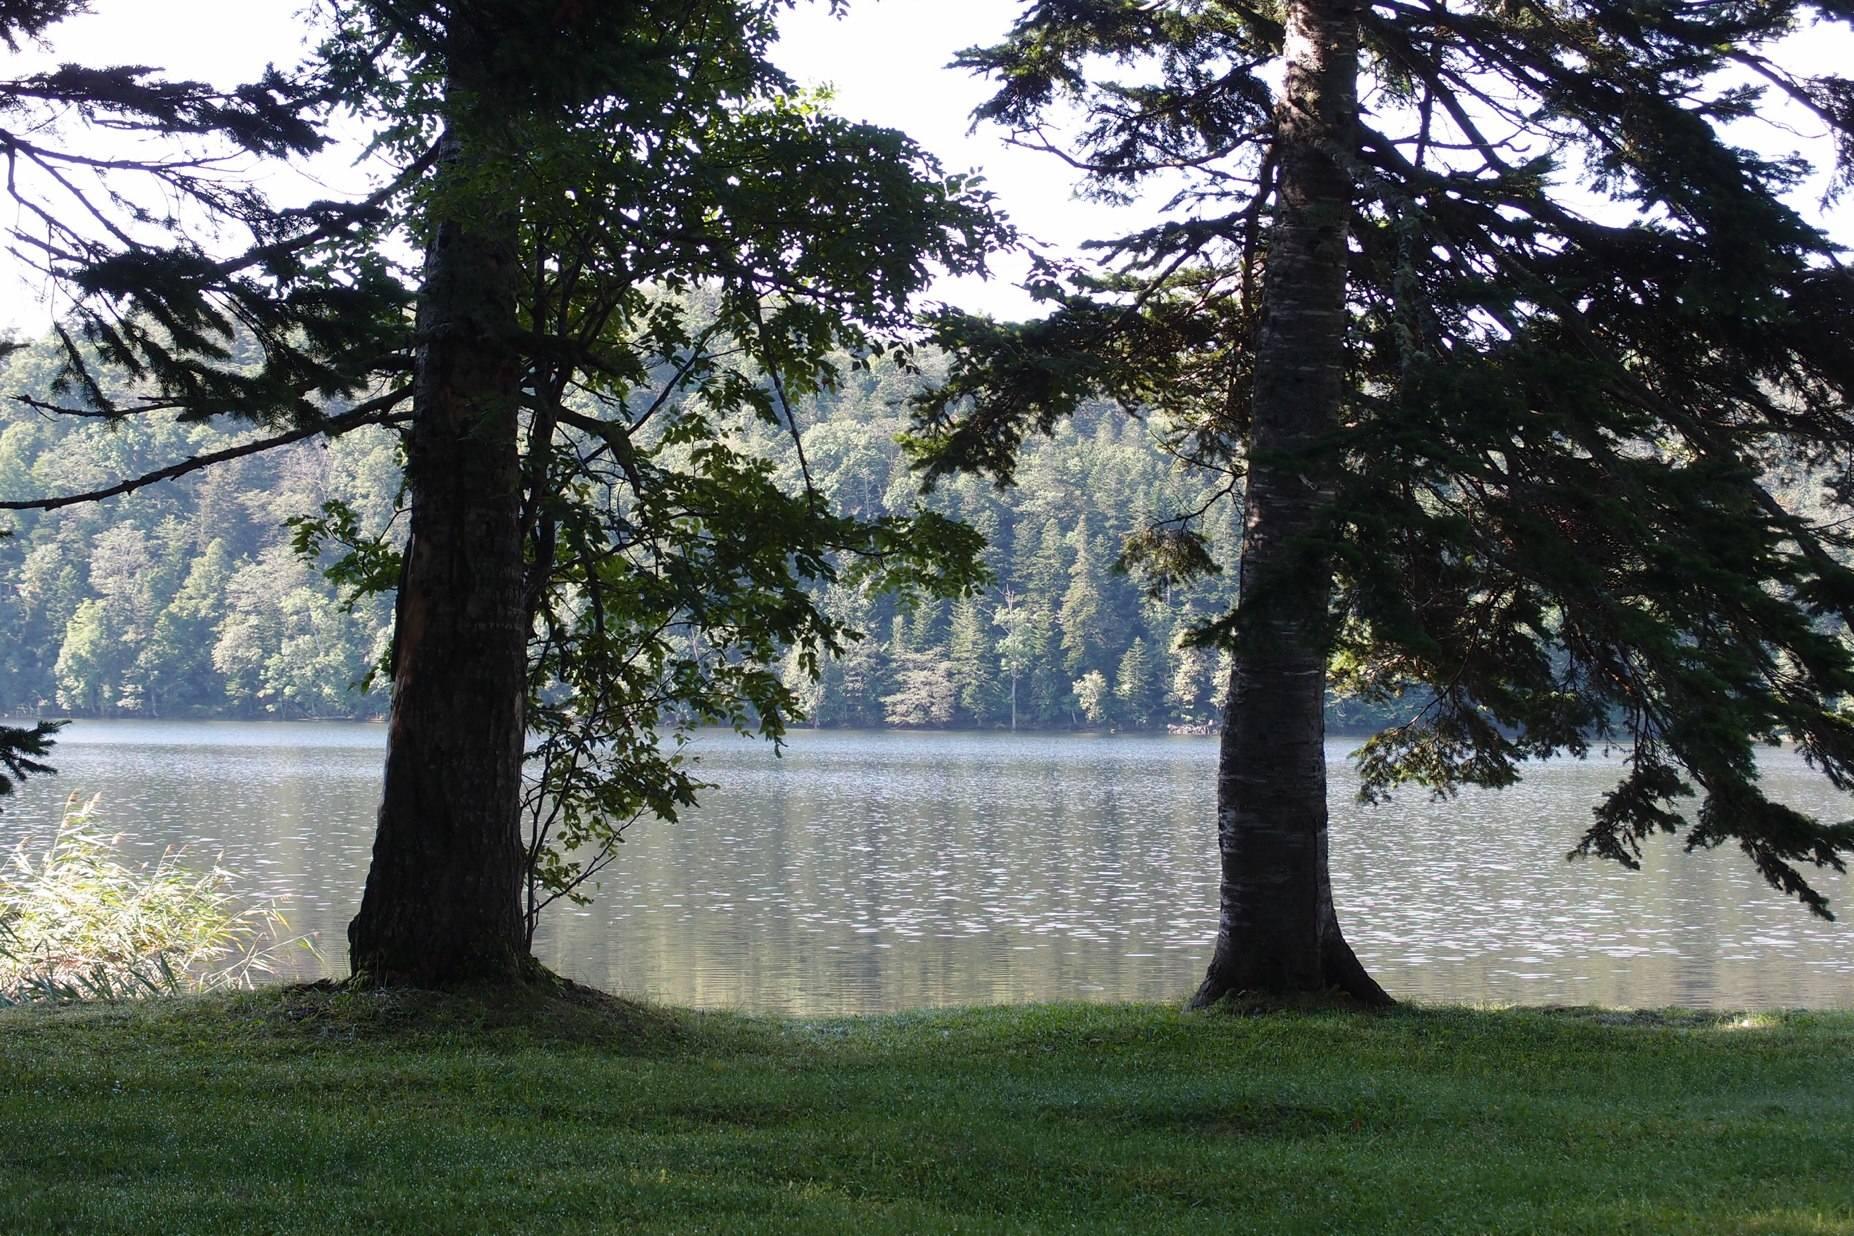 必要最少限のキッチン〜北海道湖畔キャンプ_a0116902_2362613.jpg